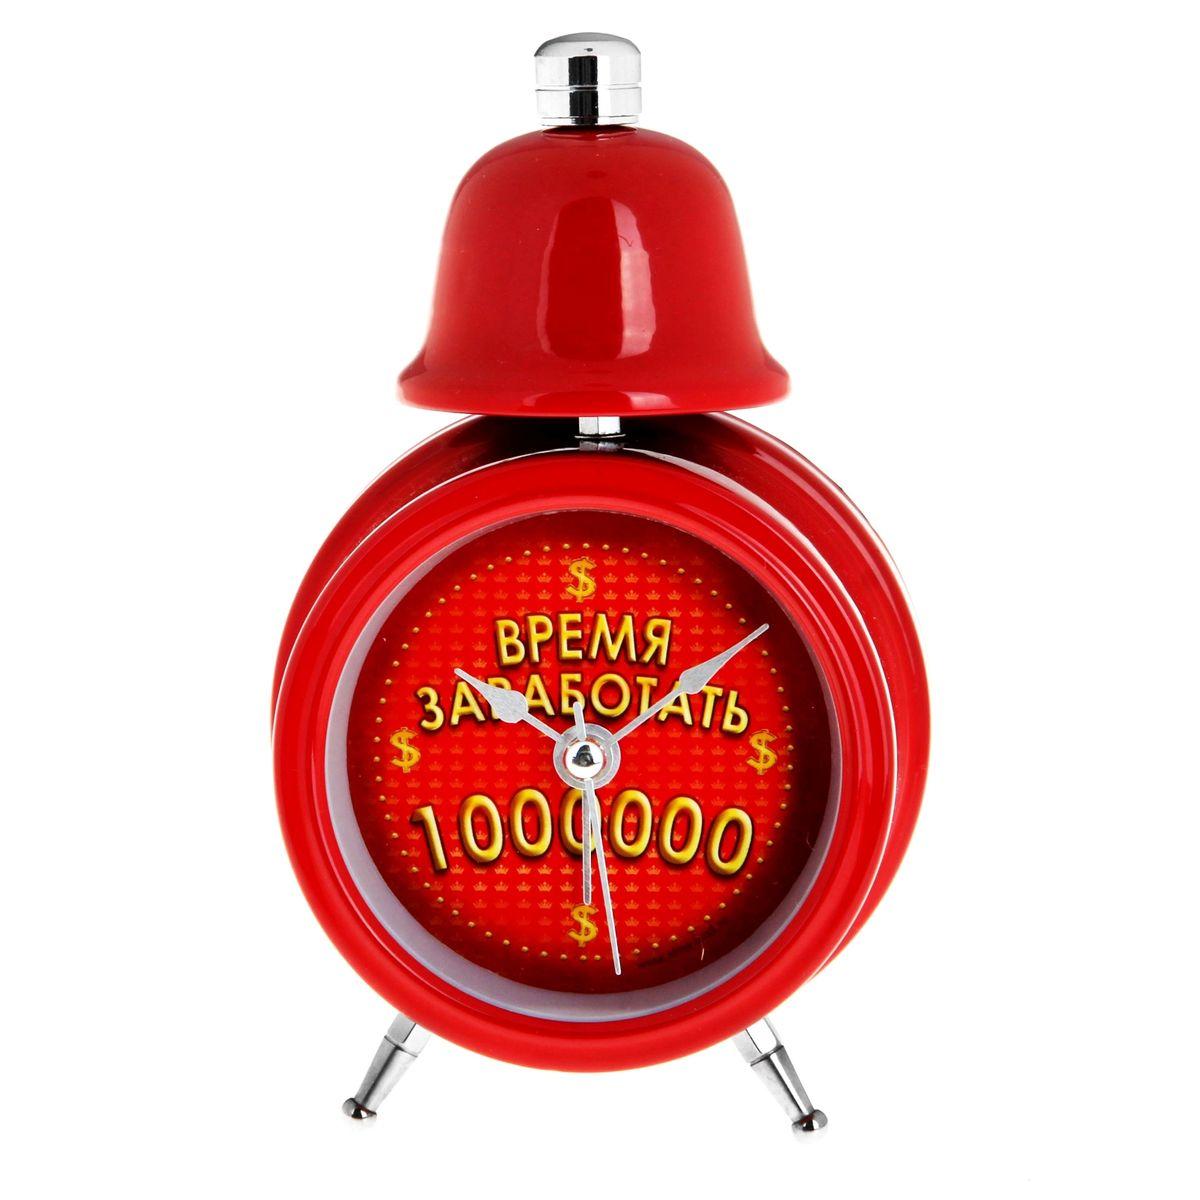 Часы-будильник Sima-land Время заработать186716Как же сложно иногда вставать вовремя! Всегда так хочется поспать еще хотябы 5 минут ибывает,что мы просыпаем. Теперь этого не случится! Яркий, оригинальный будильникSima-land Время заработатьпоможет вам всегдавставать в нужное время и успевать везде и всюду. Будильник украсит вашукомнату и приведет в восхищение друзей. Время показываетточно и будит вустановленный час. На задней панели будильника расположены переключательвключения/выключения механизма,атакже два колесика для настройки текущего времени и времени звонкабудильника. Также будильник оснащен кнопкой, при нажатии и удержании которой, подсвечивается циферблат.Будильник работает от 1 батарейки типа AA напряжением 1,5V (не входит в комплект).